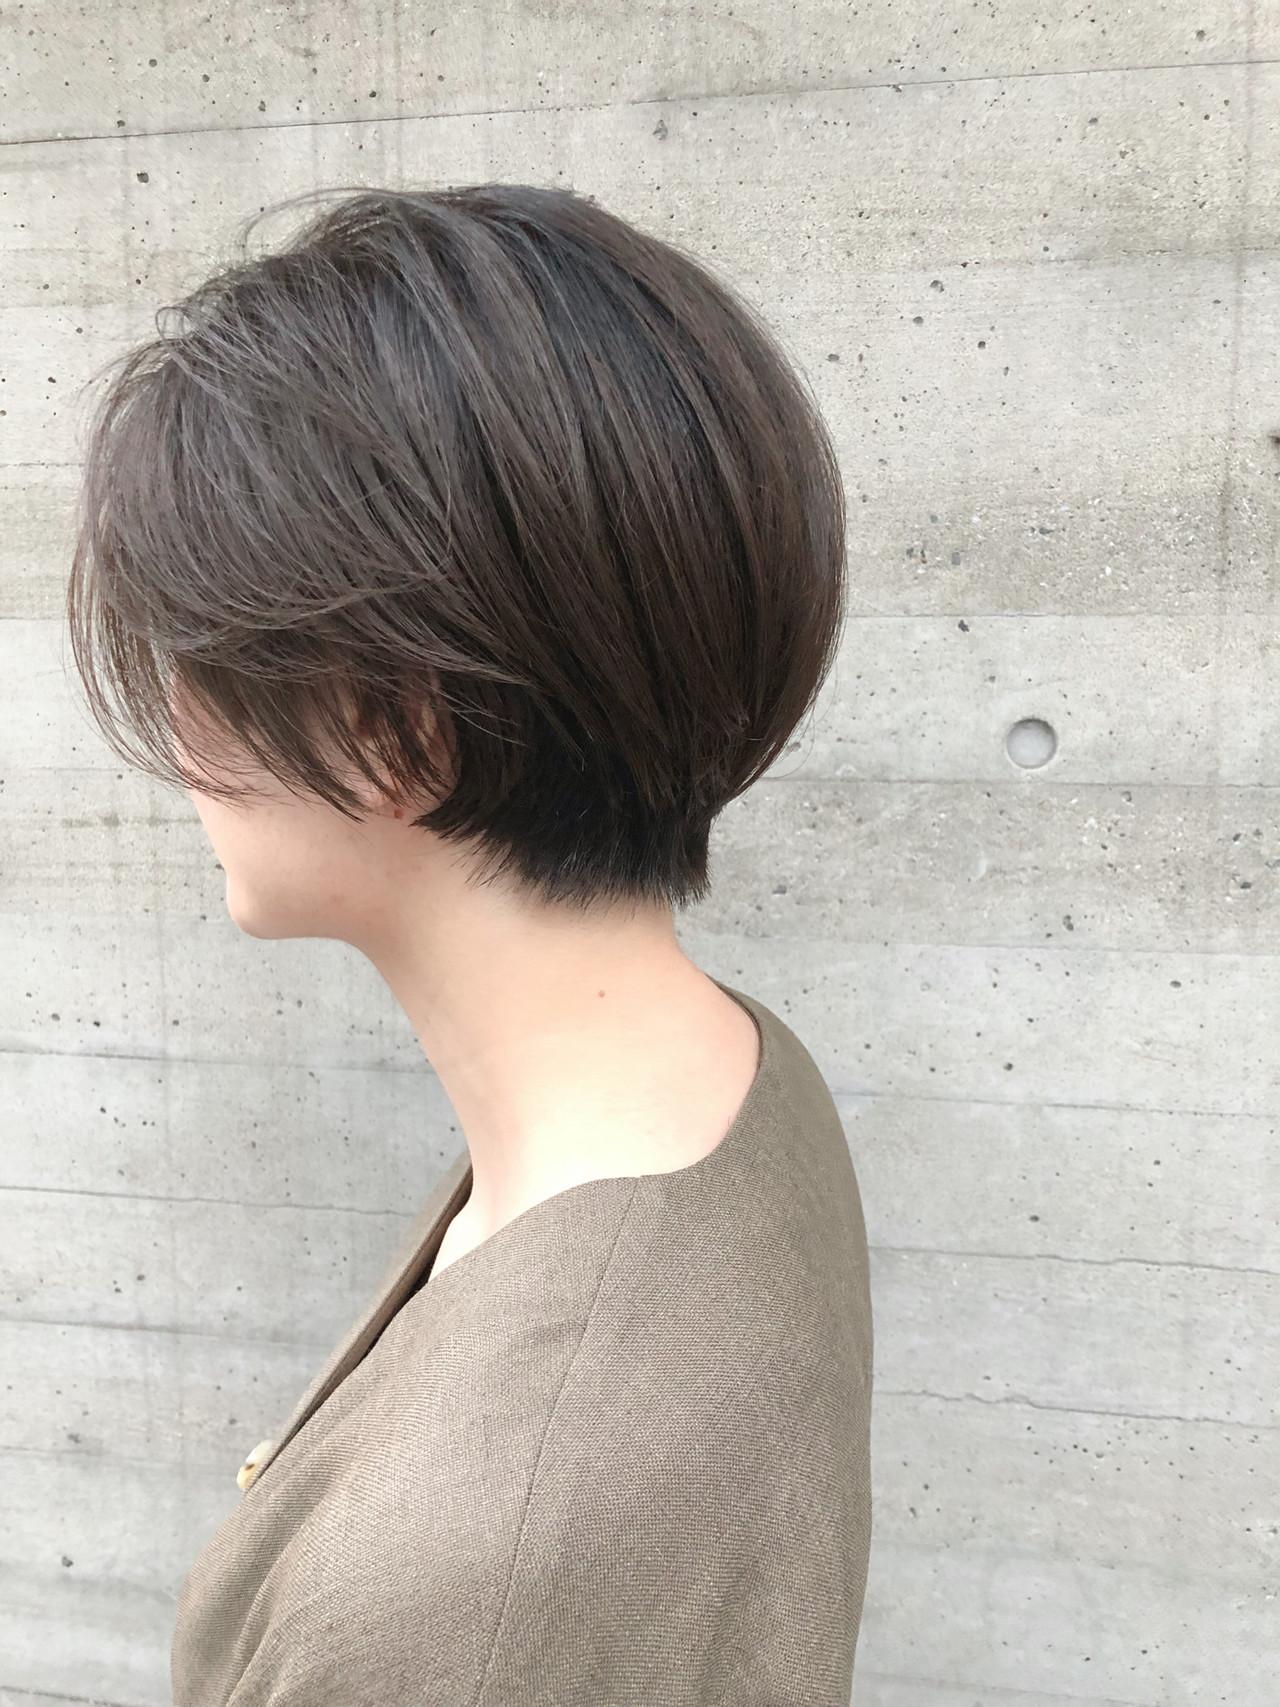 ナチュラル ショートボブ ショート ハンサムショート ヘアスタイルや髪型の写真・画像 | 山庄司 祐希 / KATE  omotesando